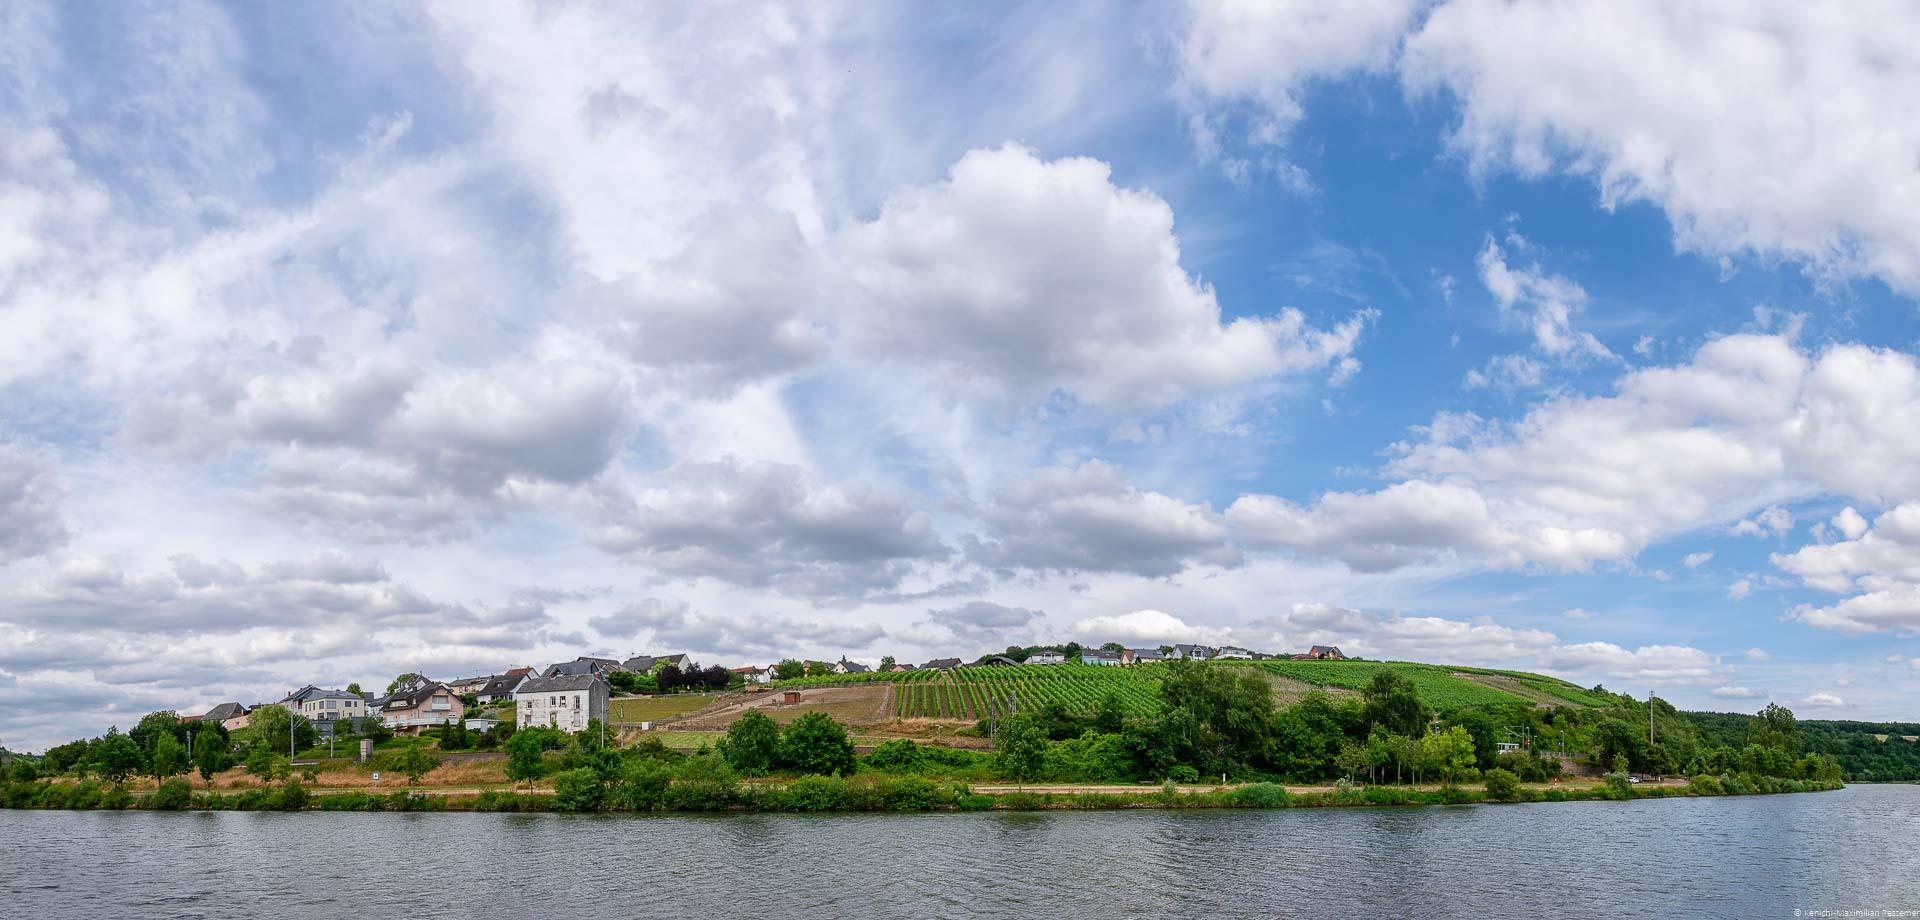 Weinberg und Ort an Ufer des Flusses Mosel und blauer Himmel mit Wolken